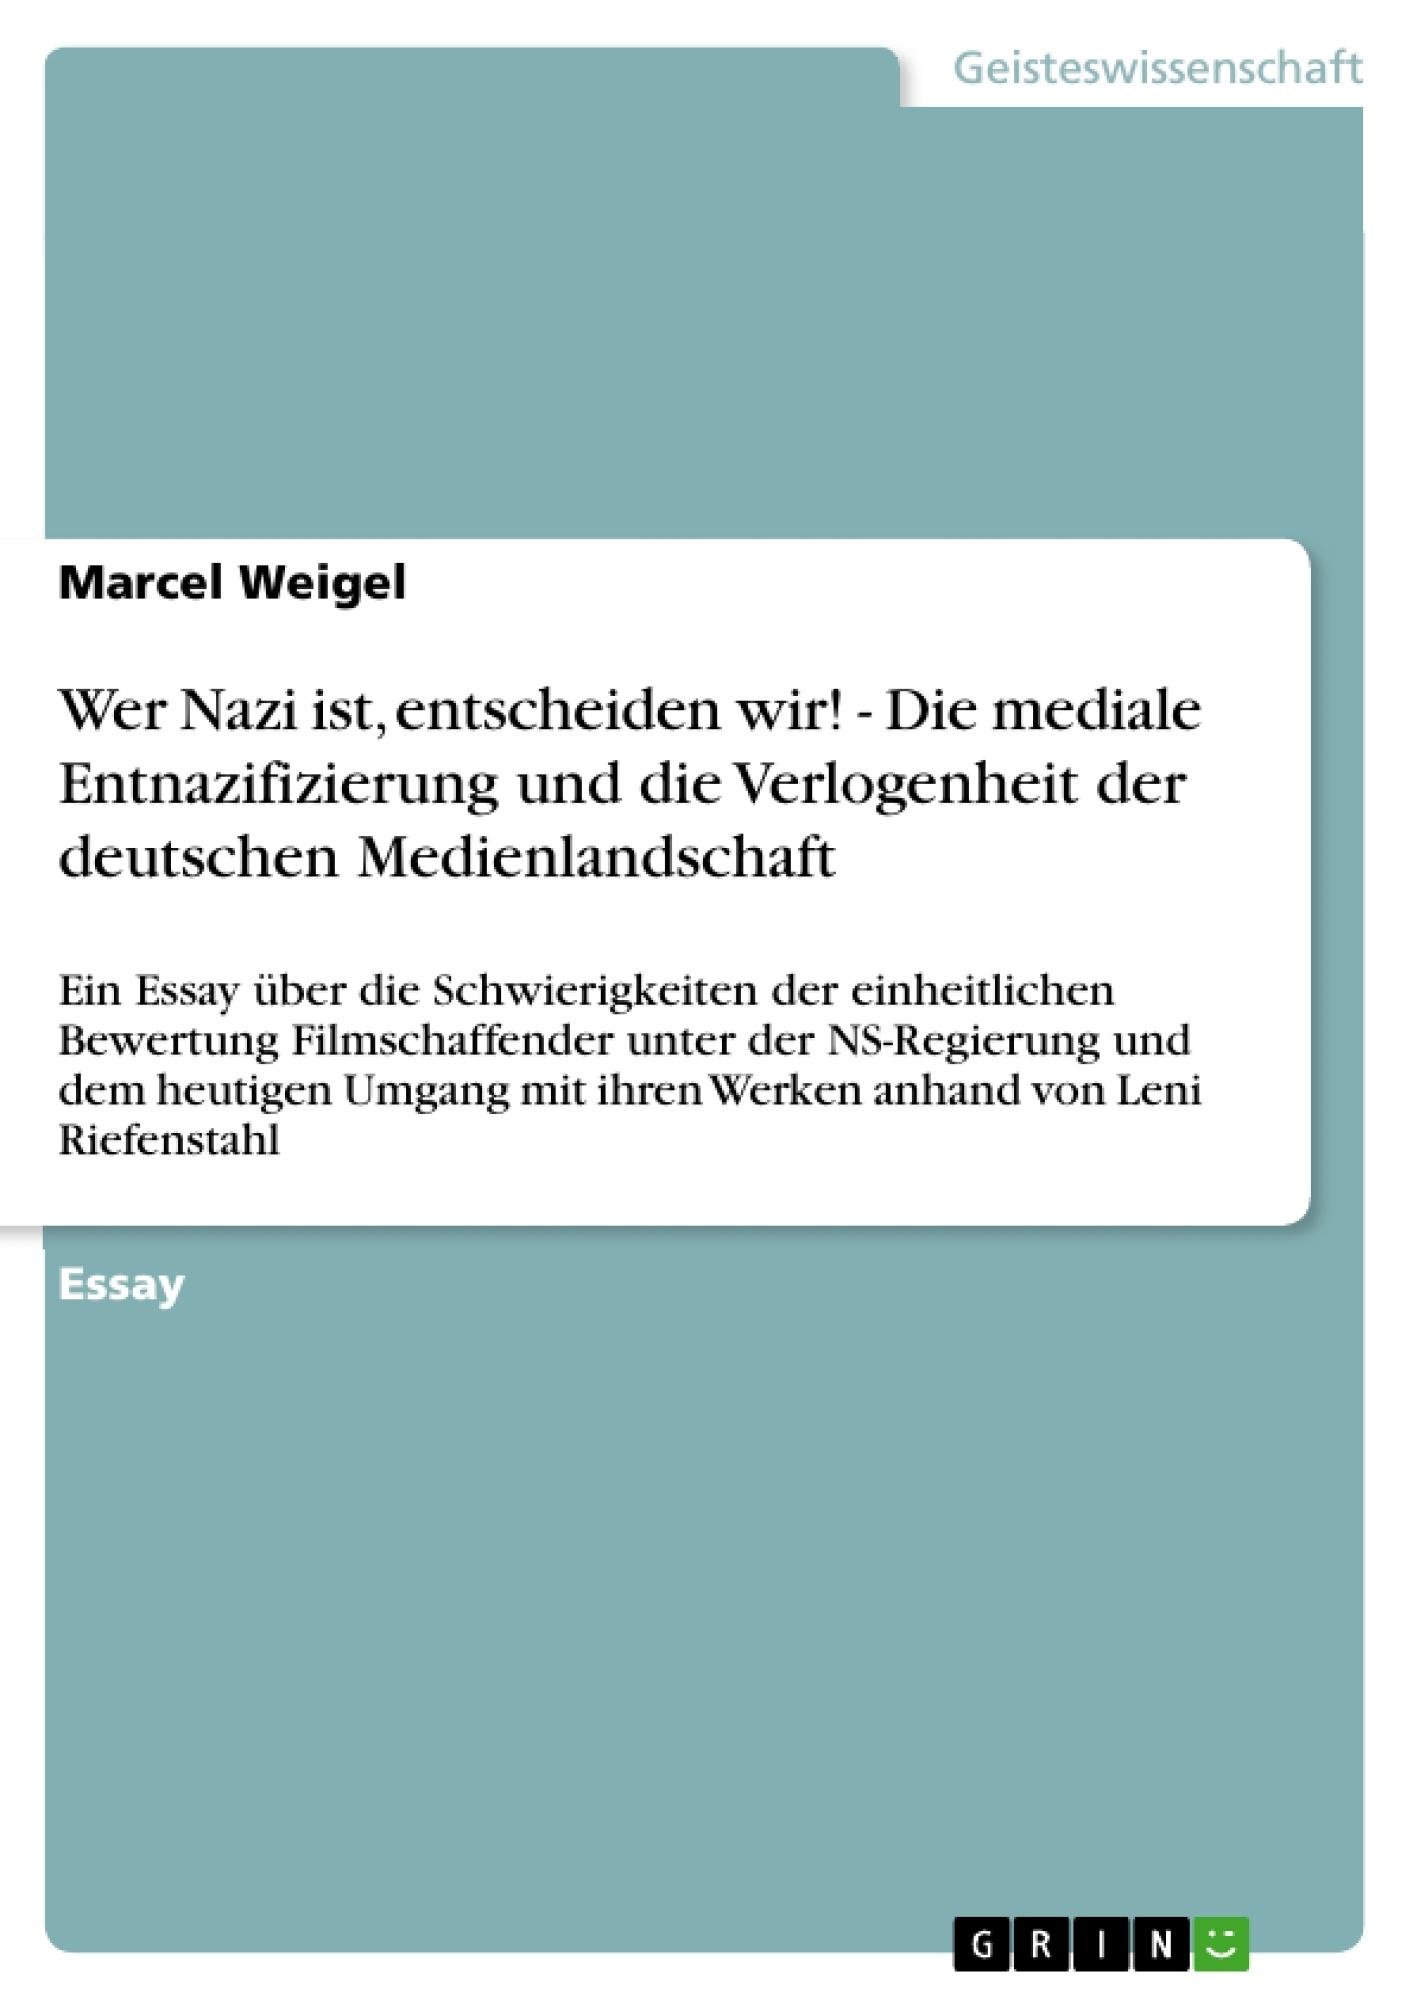 Titel: Wer Nazi ist, entscheiden wir! - Die mediale Entnazifizierung und die Verlogenheit der deutschen Medienlandschaft